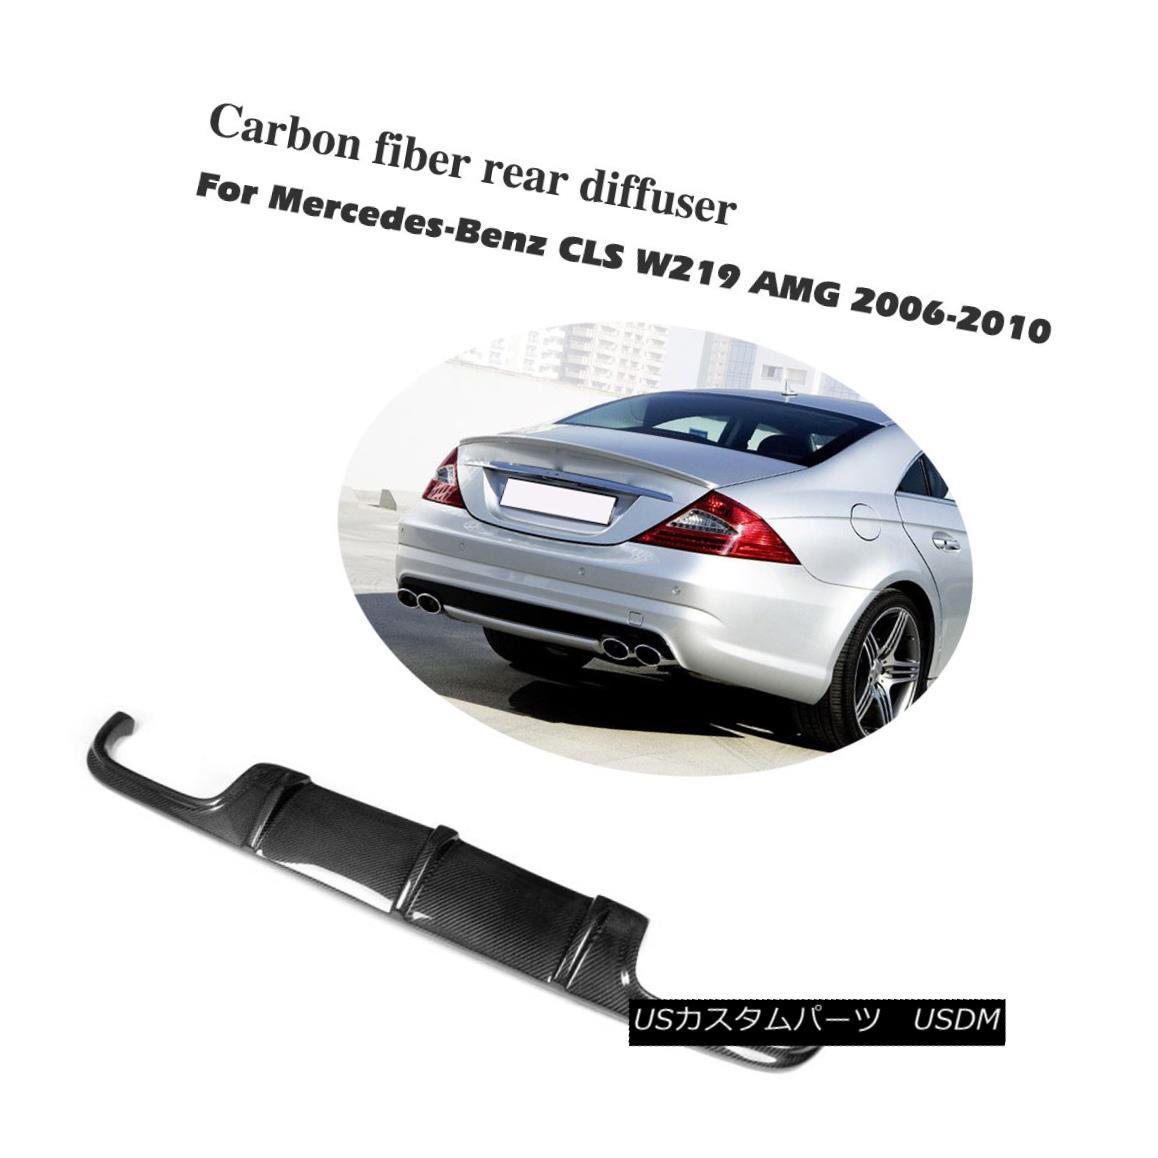 エアロパーツ 1PC Carbon Fiber Rear Bumper Diffuser Fit for Mercedes Benz W219 CLS AMG 06-10 Mercedes Benz W219 CLS AMG 06-10用1PCカーボンファイバーリアバンパーディフューザーフィット